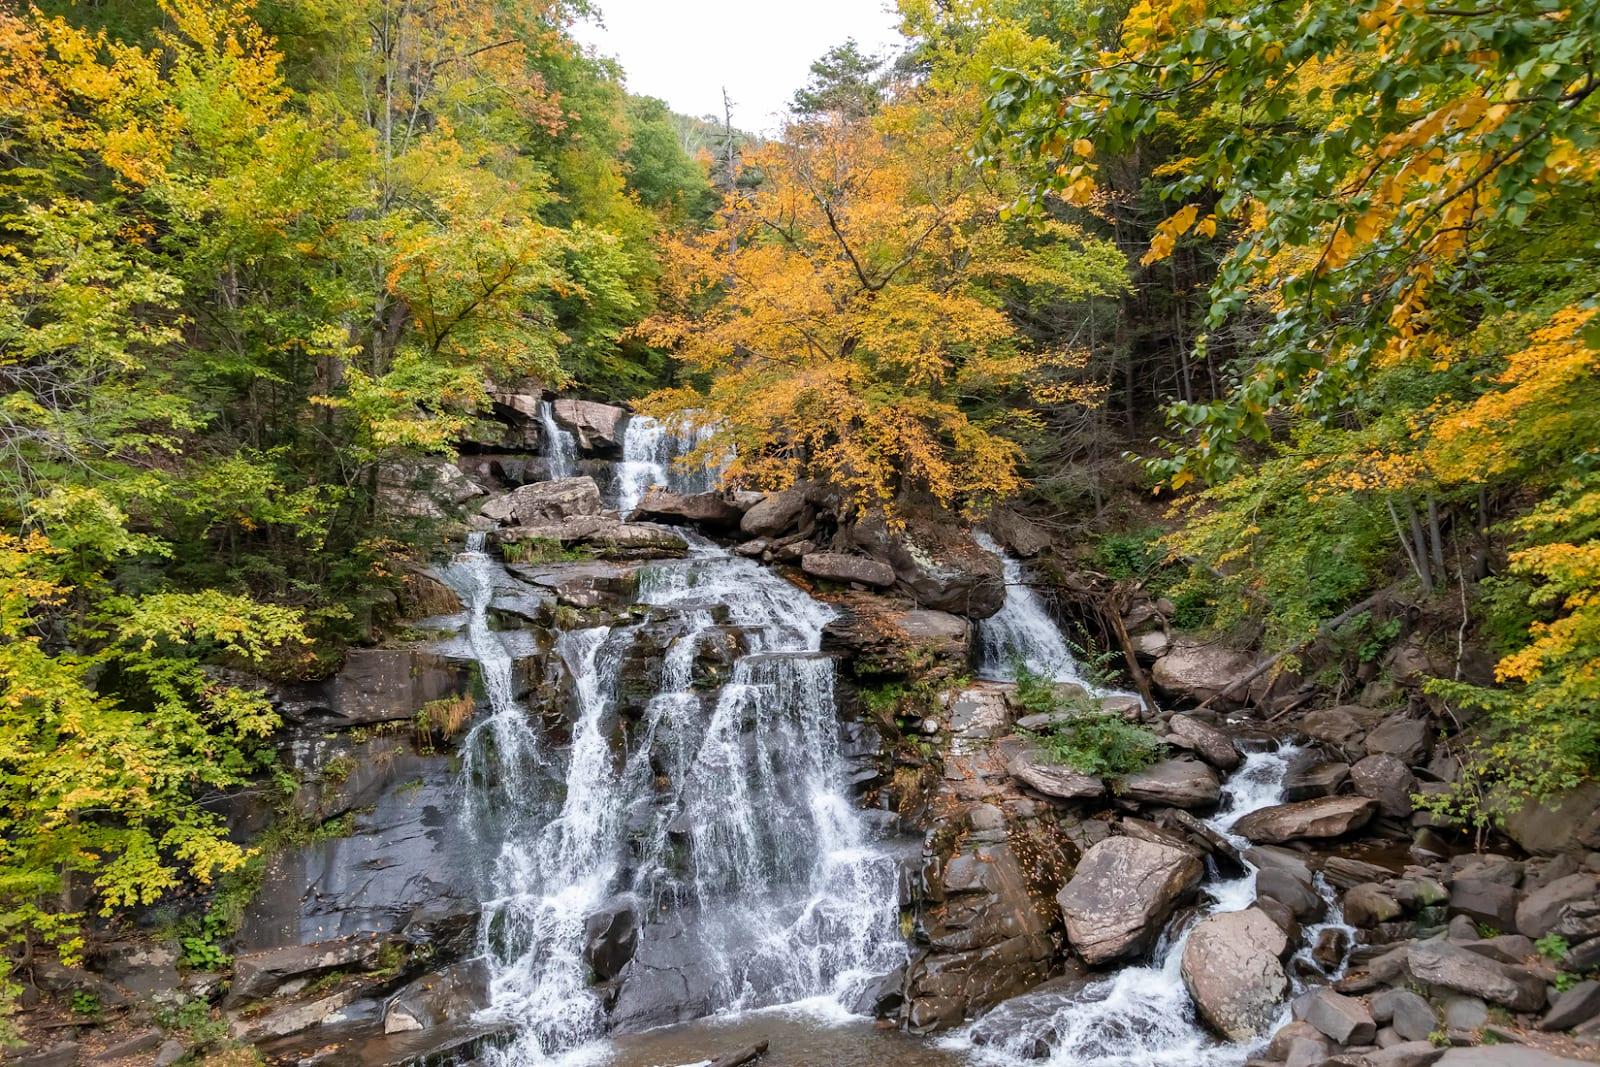 Best Half-Day Hikes in The Catskills and Shawangunks